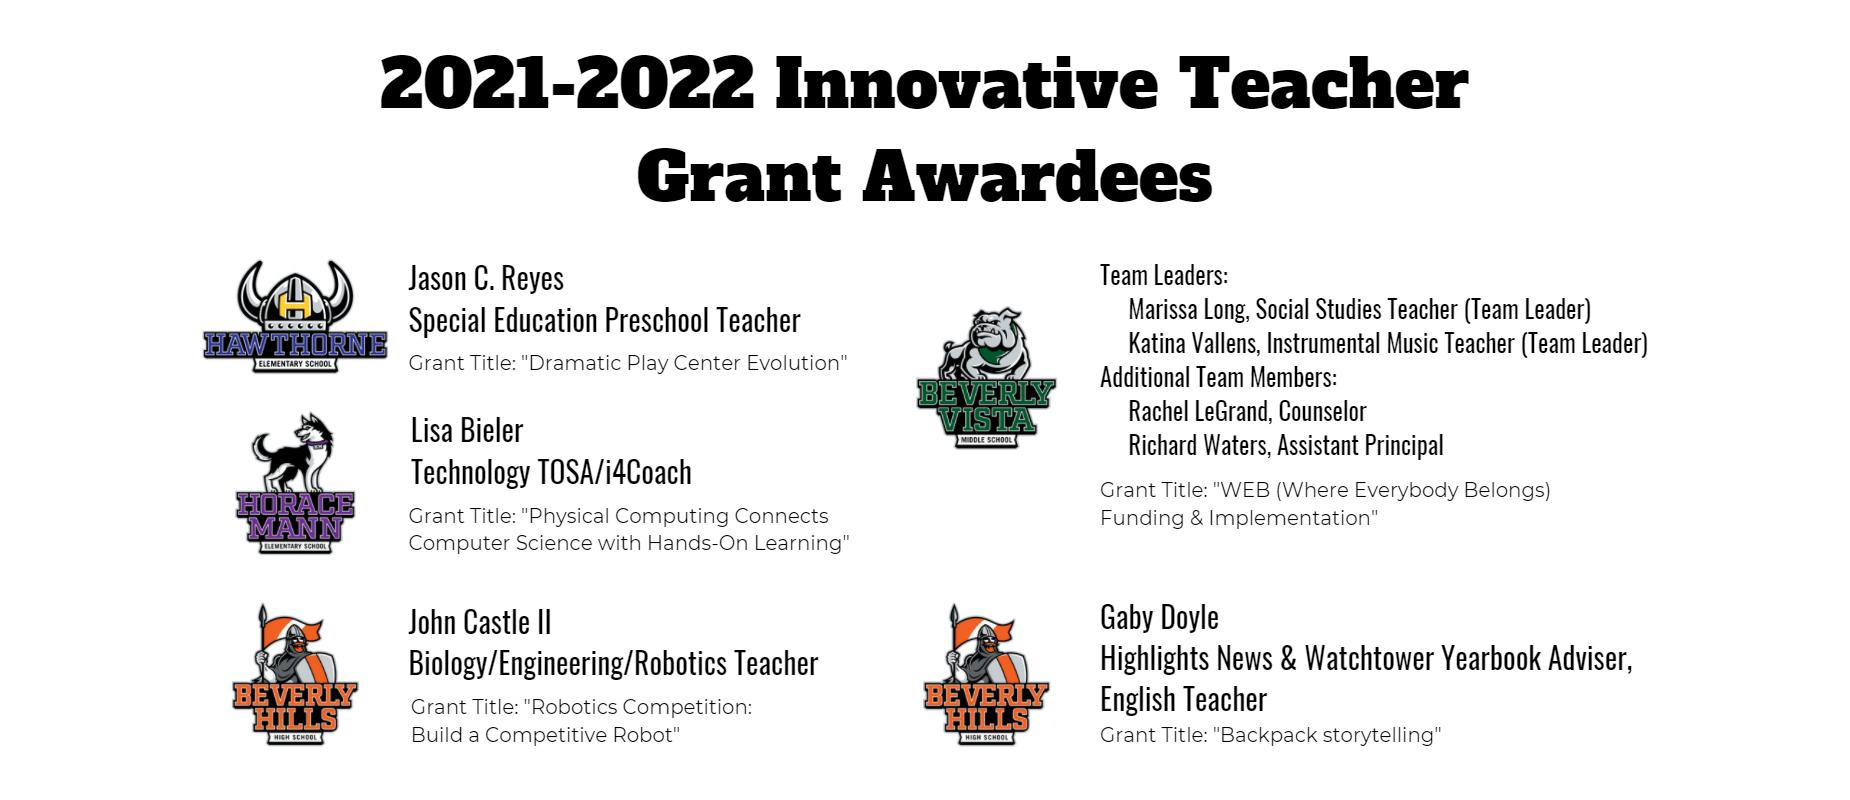 2021-2022 Innovative Teacher Grant Awardees